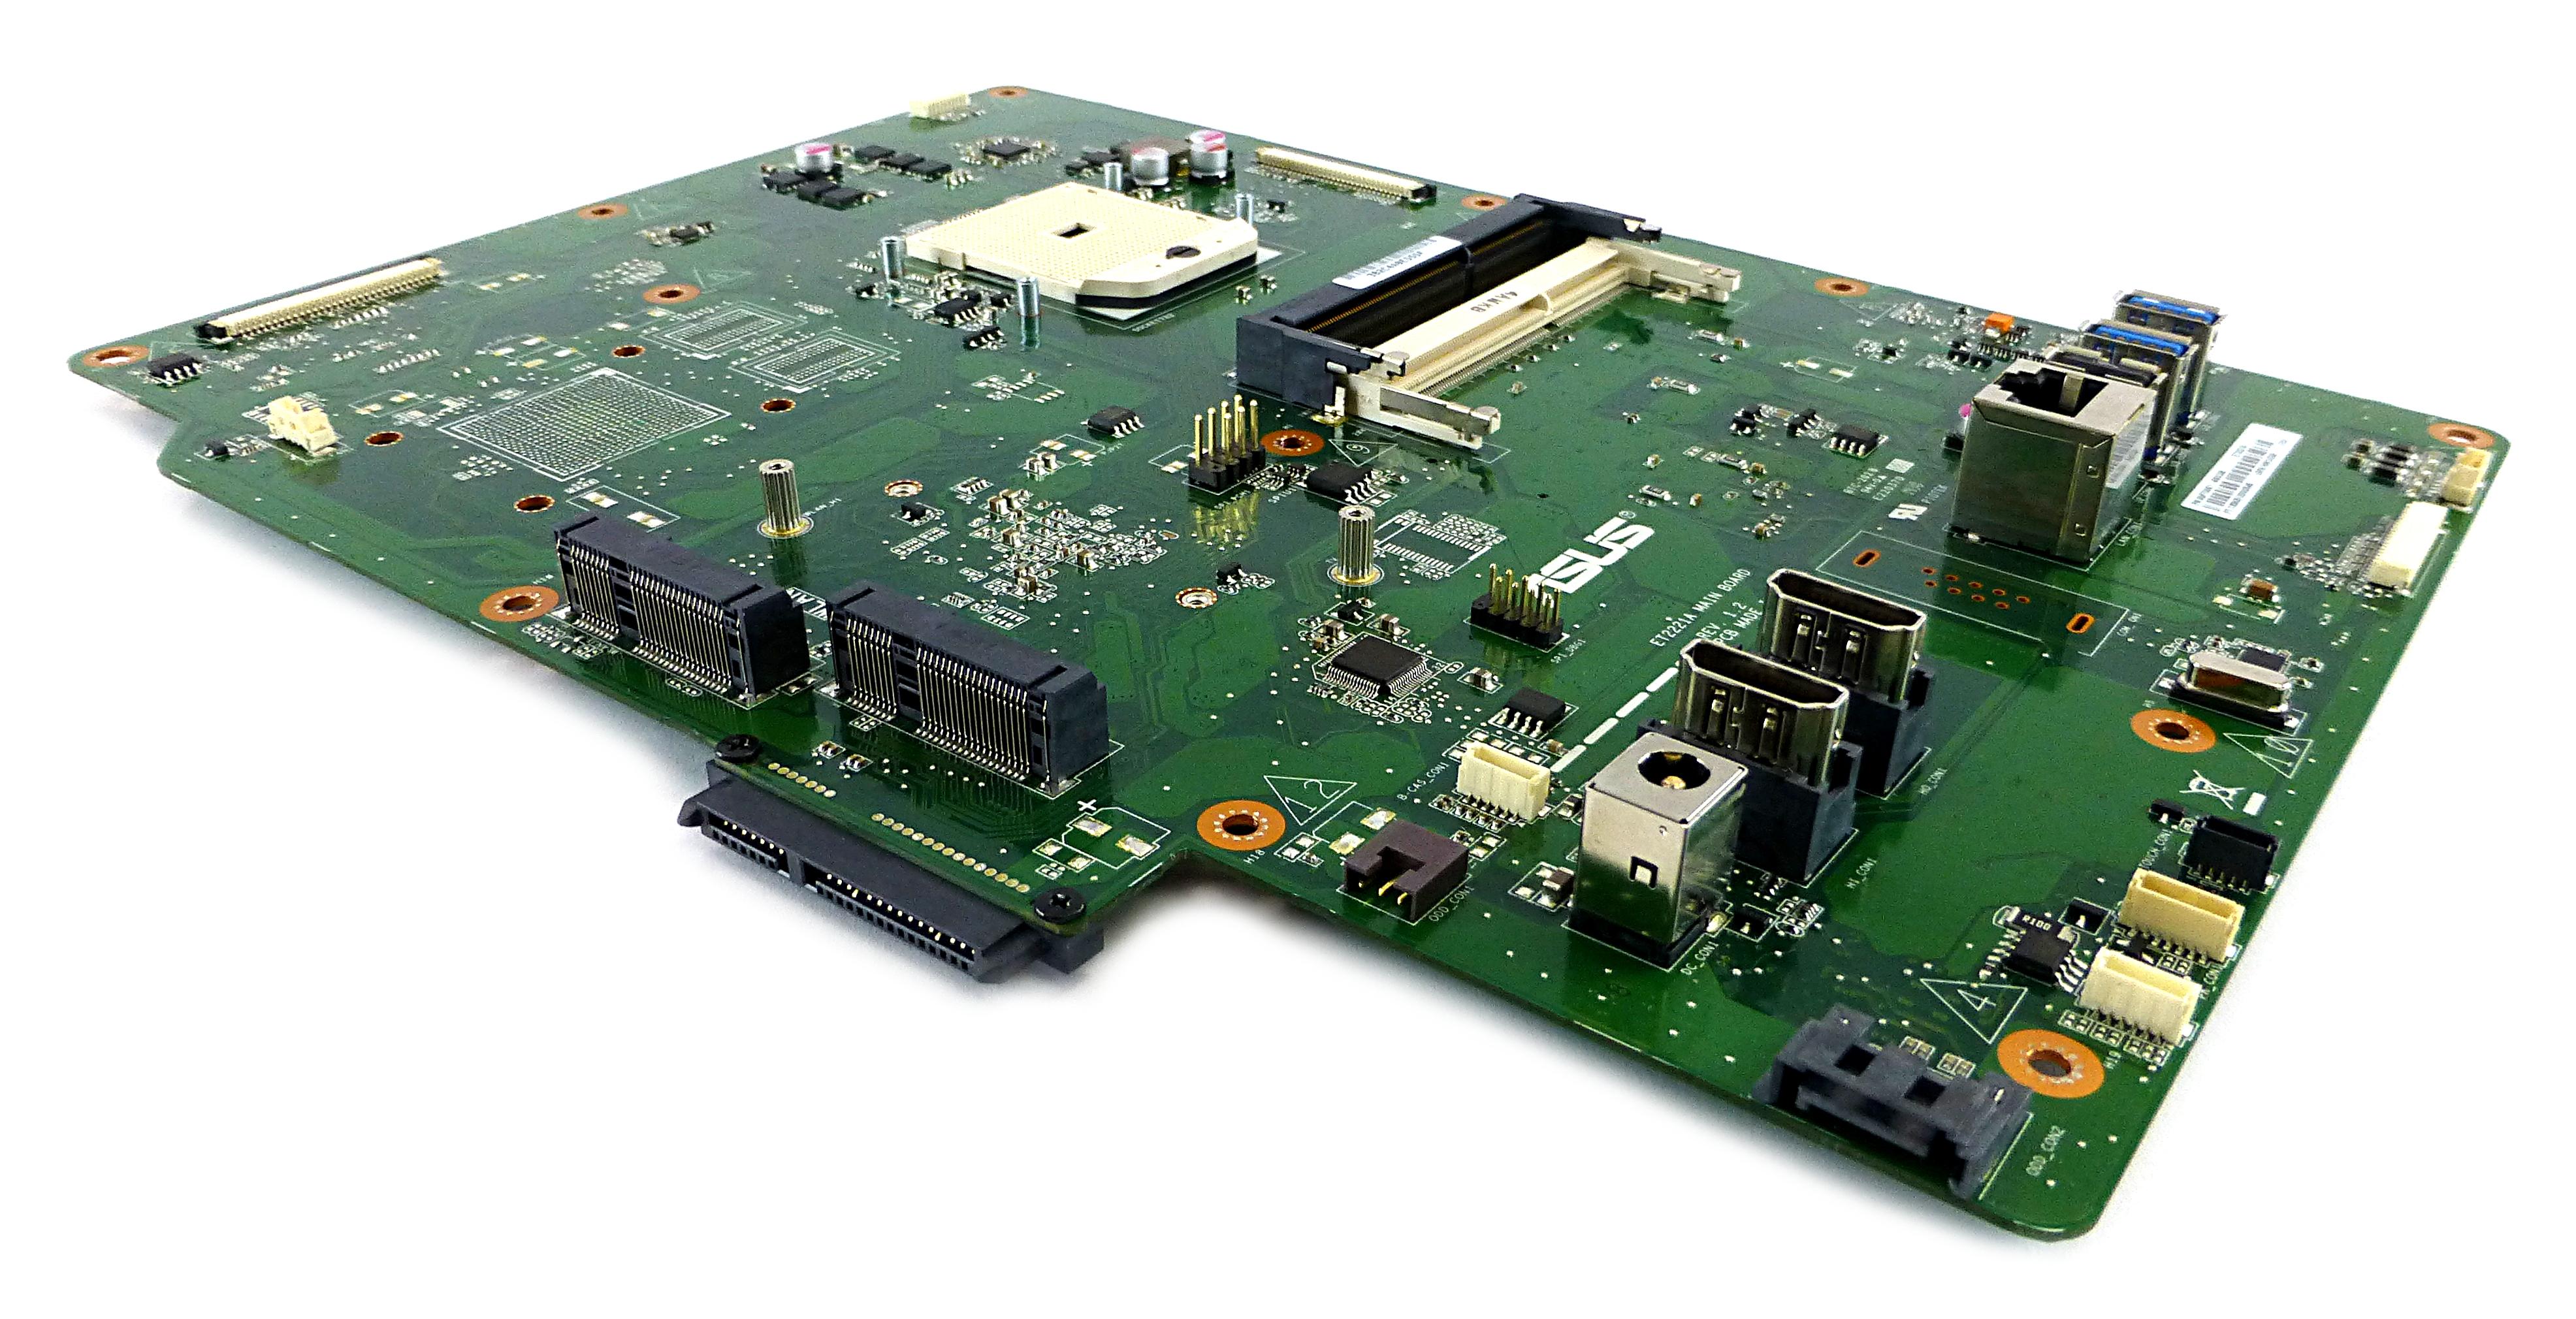 60PT00K1-MB0C08 Asus (ET2221A Rev 1.2) AMD Socket FS1 Motherboard